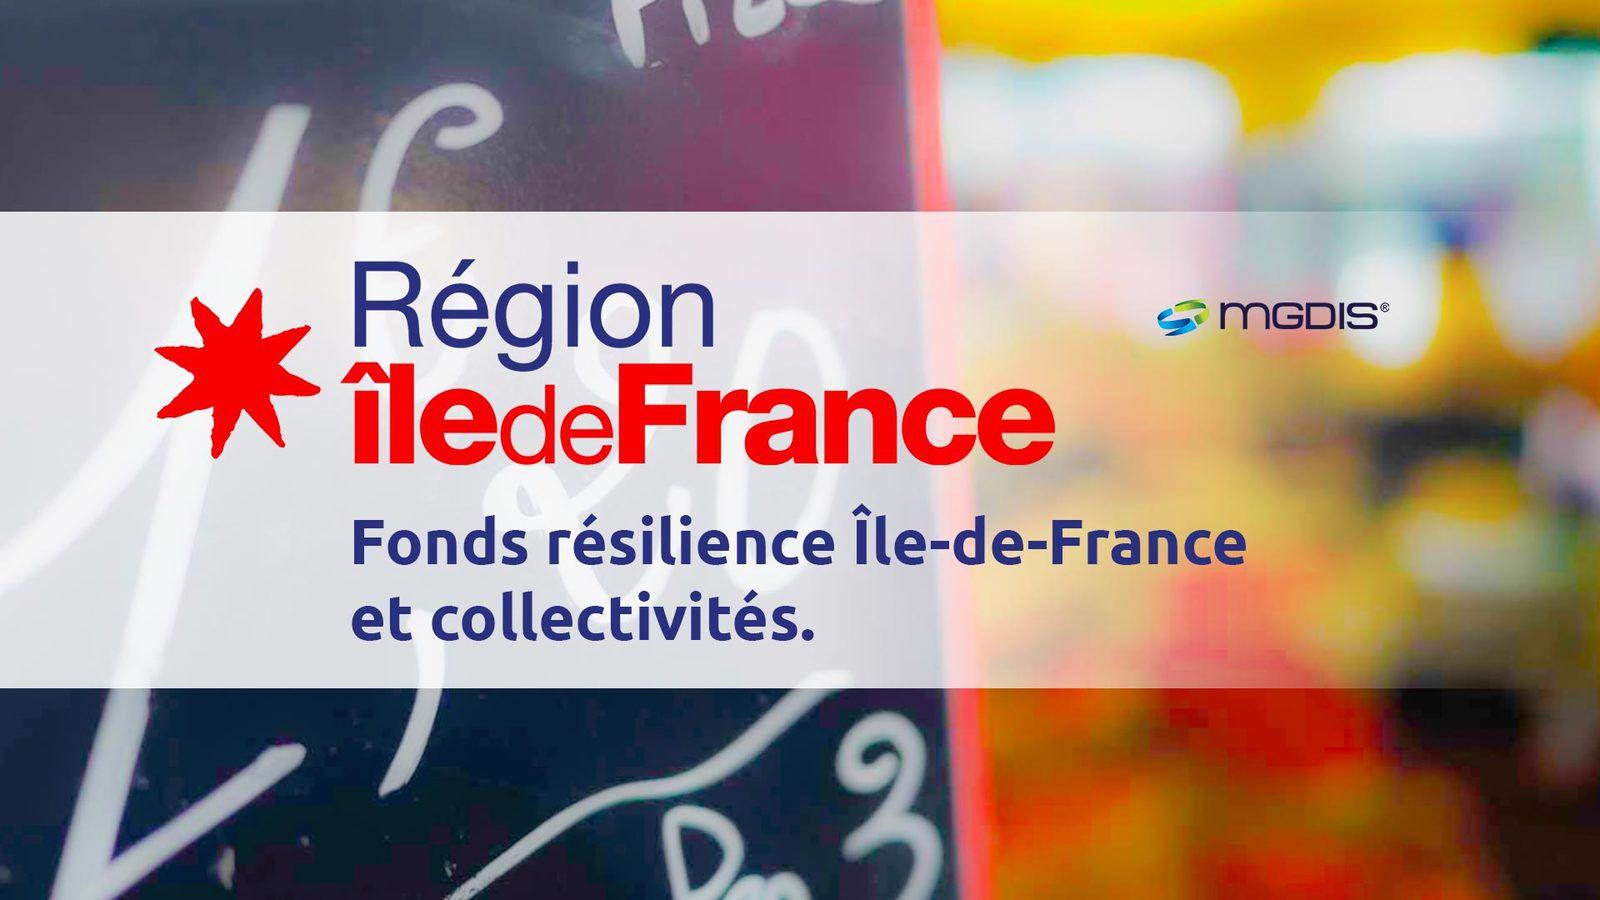 Fonds Résilience de la Région Ile-de-France : une aide pour les TPE et associations